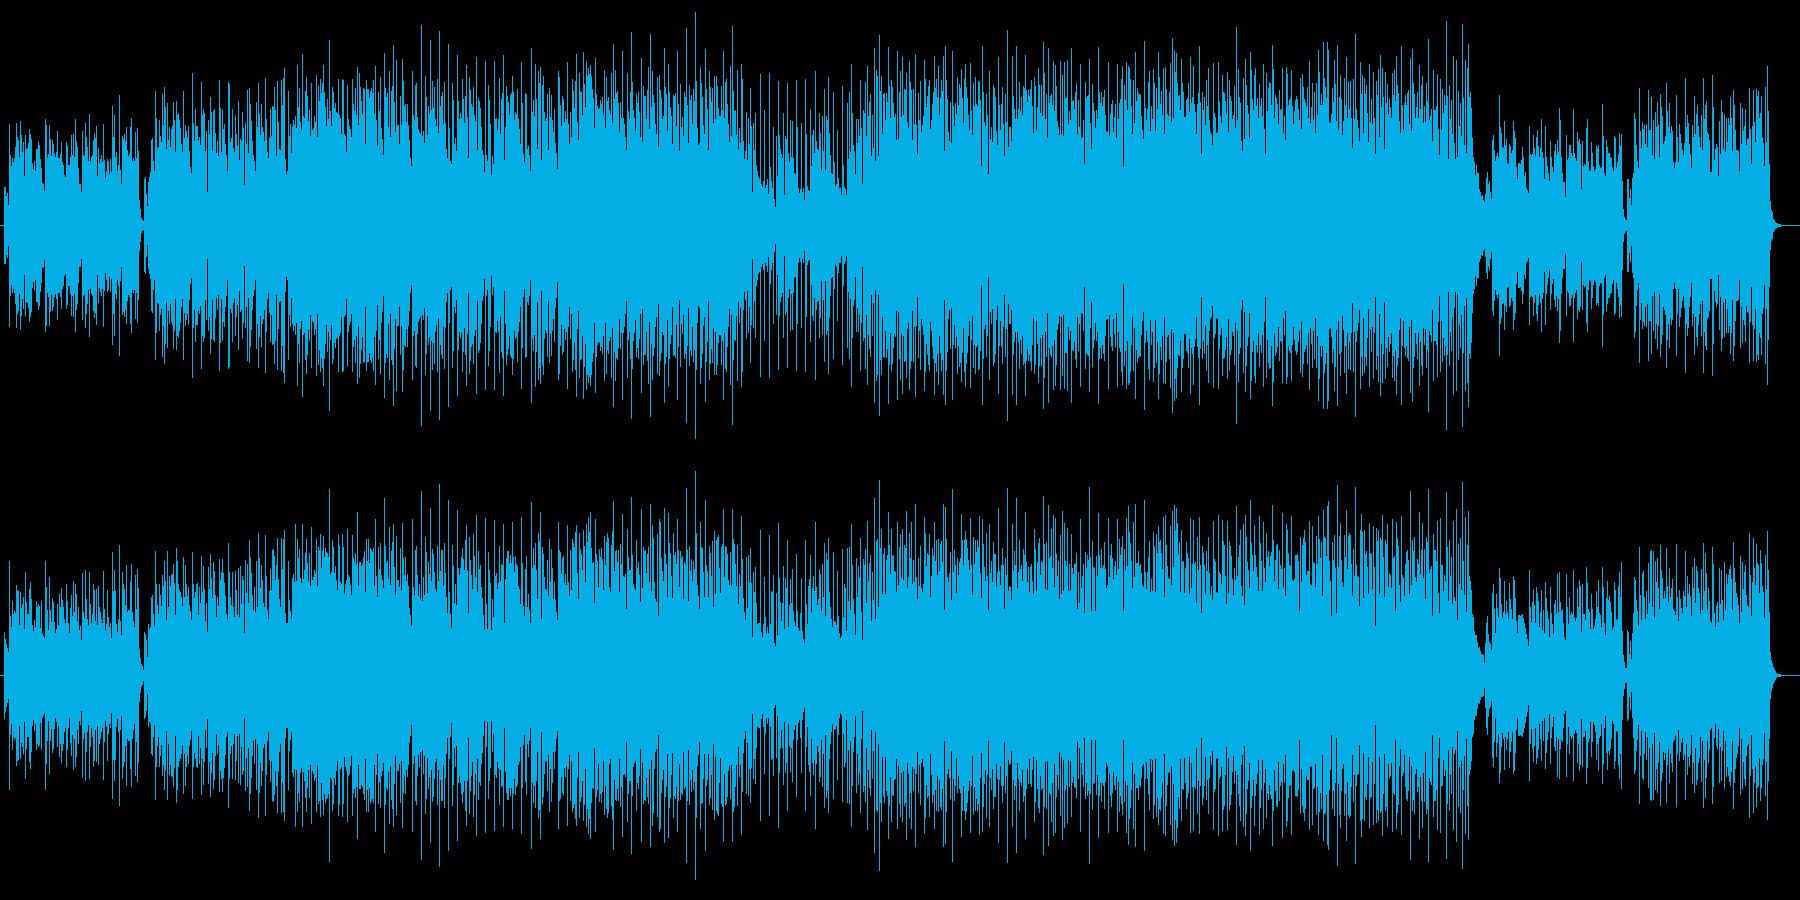 ピアノ伴奏のファンタジックな音楽の再生済みの波形